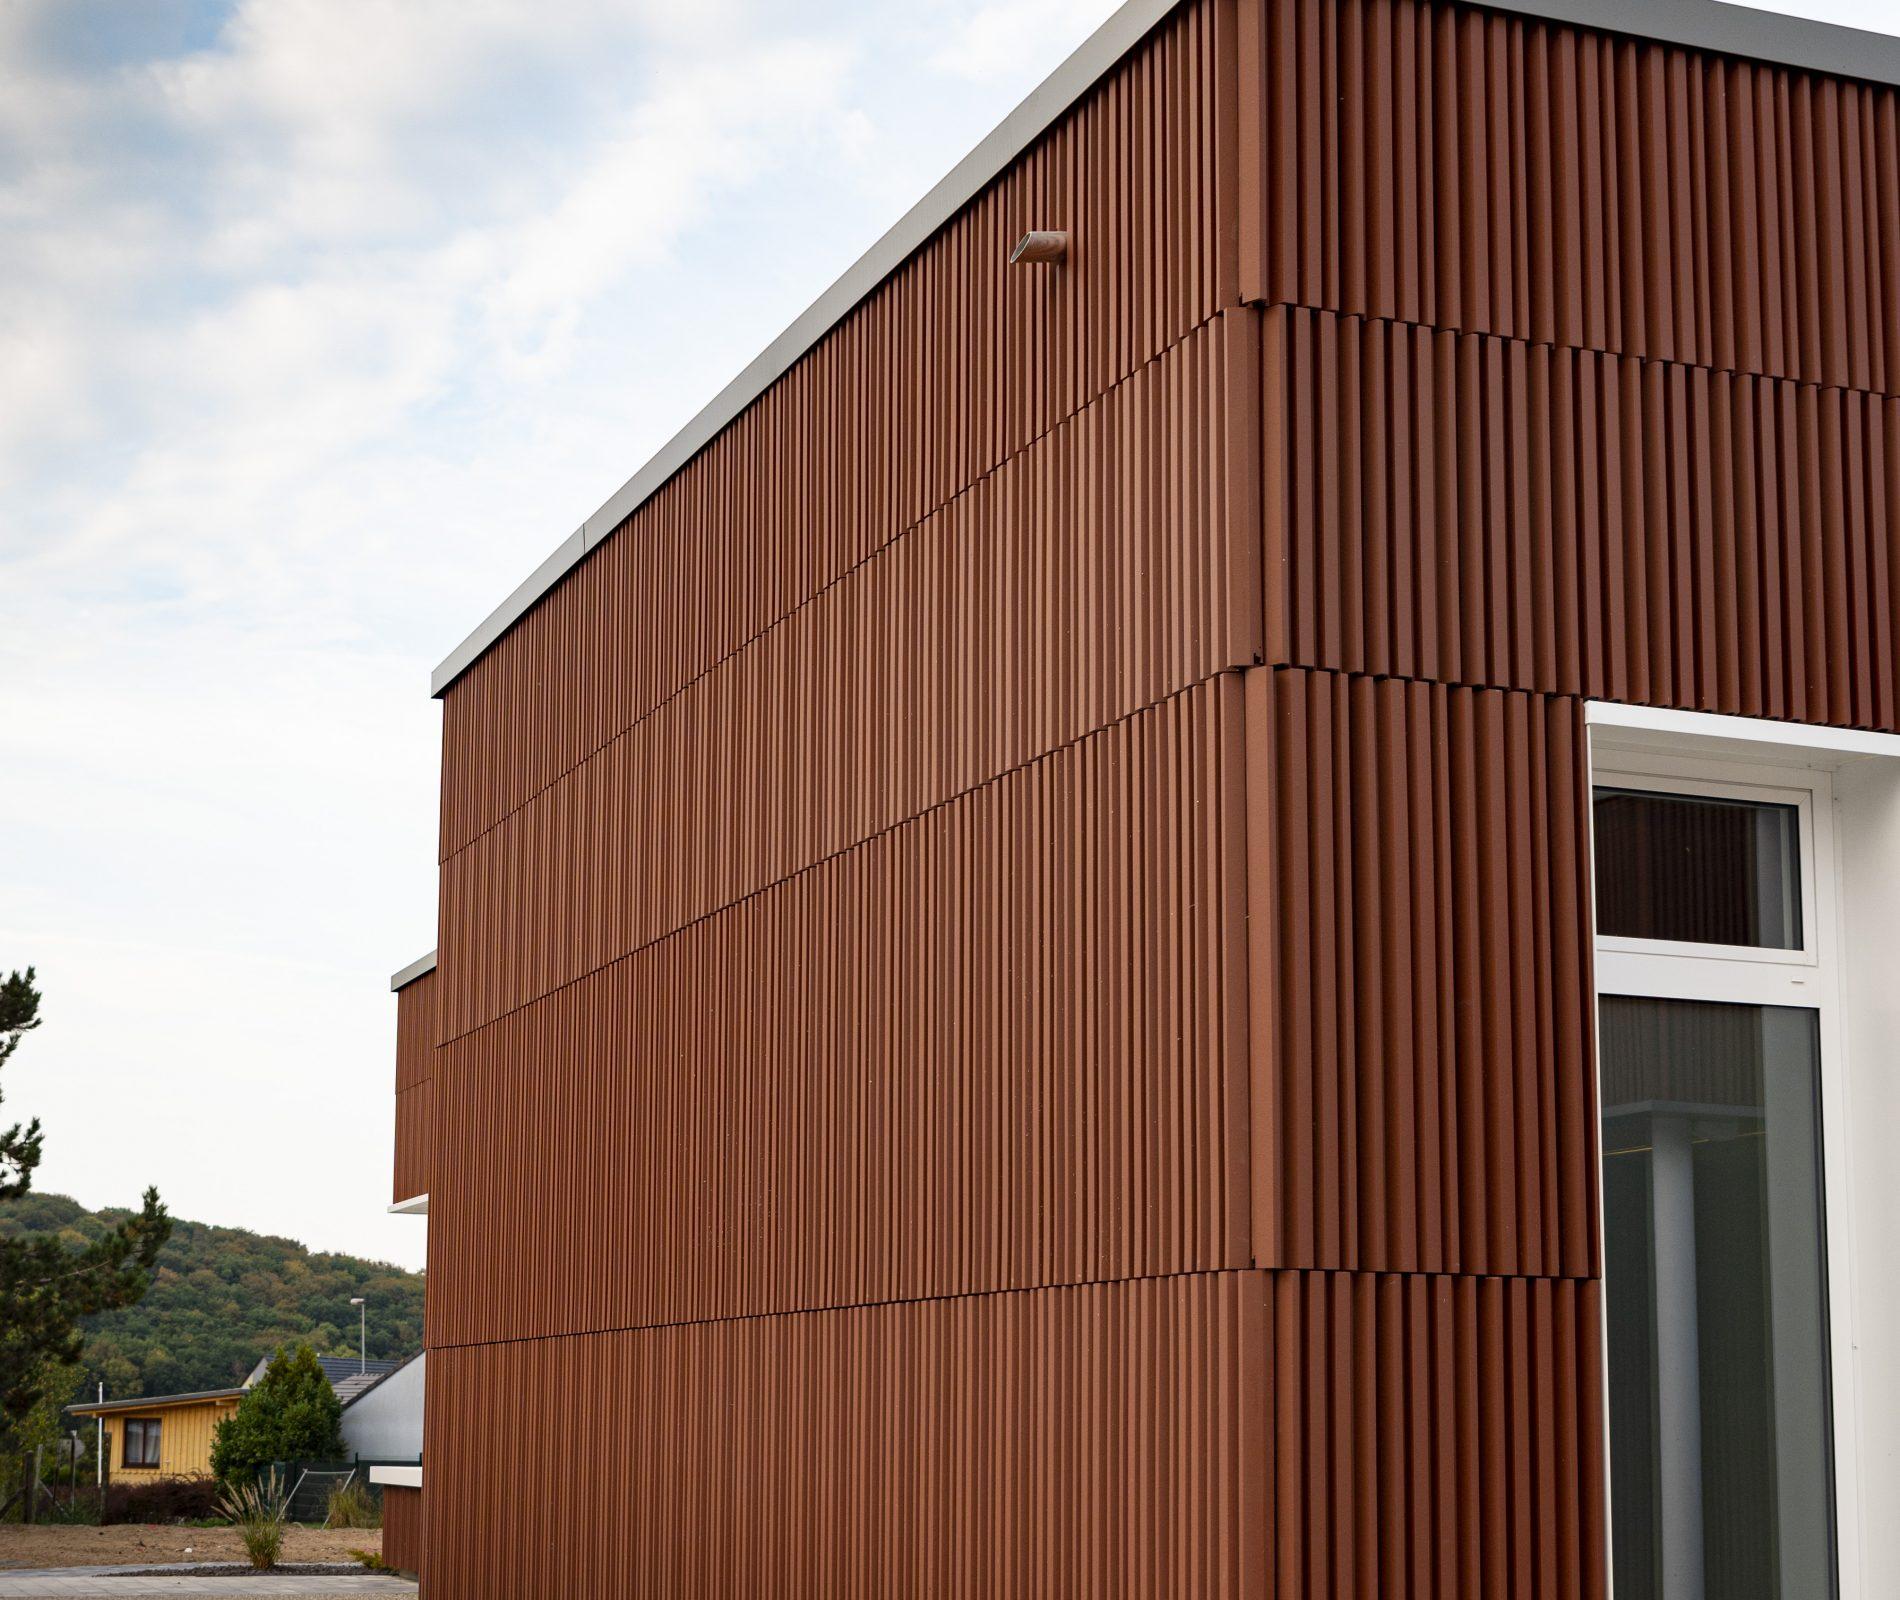 Travaux de façade sur béton de l'école Les Grands Cèdres à Rosbruck Metz en Moselle